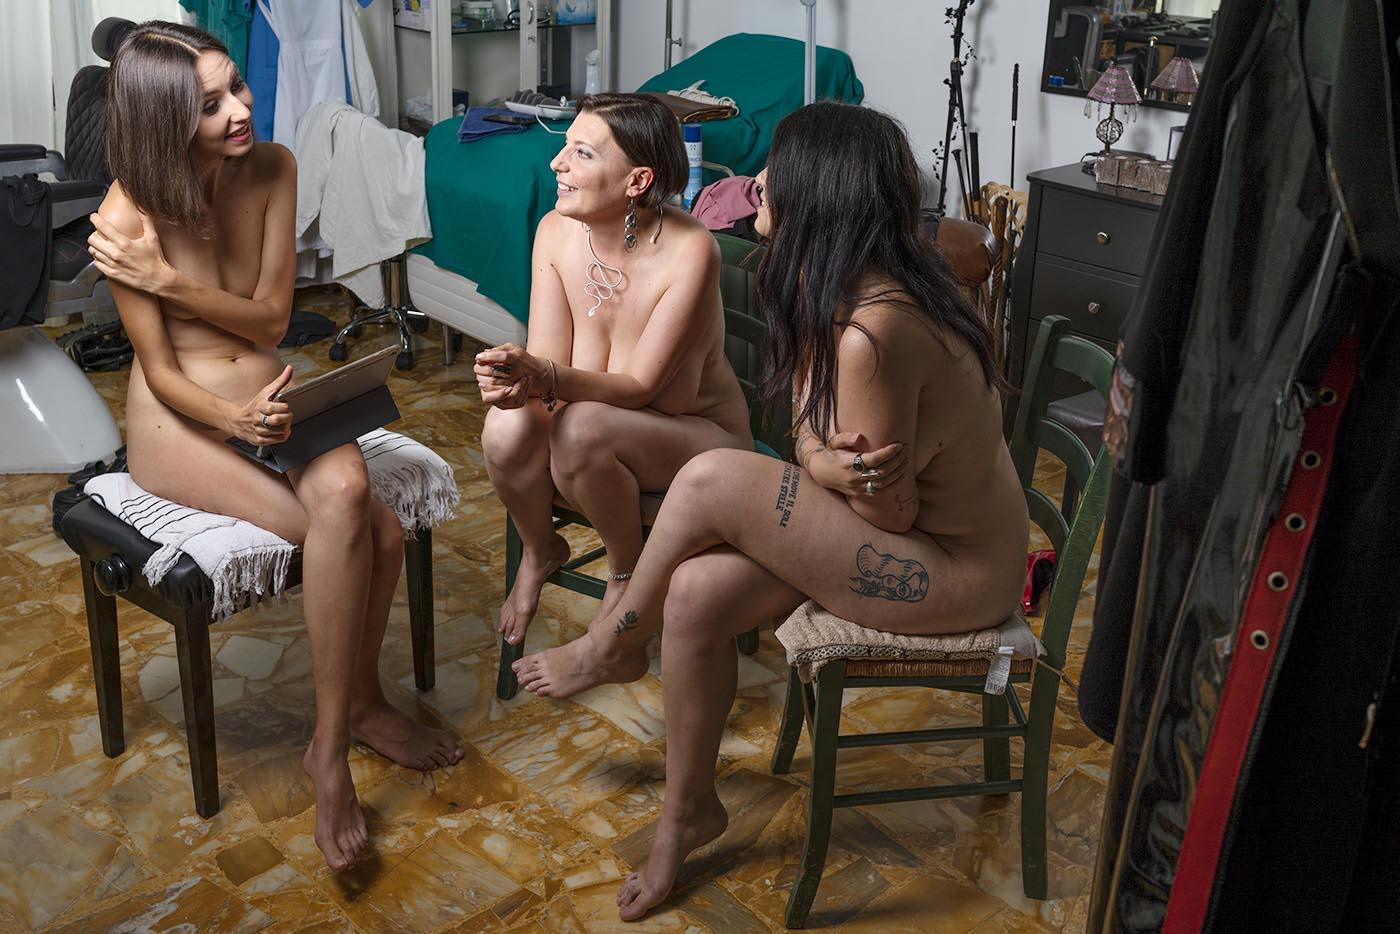 Mistress e figlia durante intervista nuda